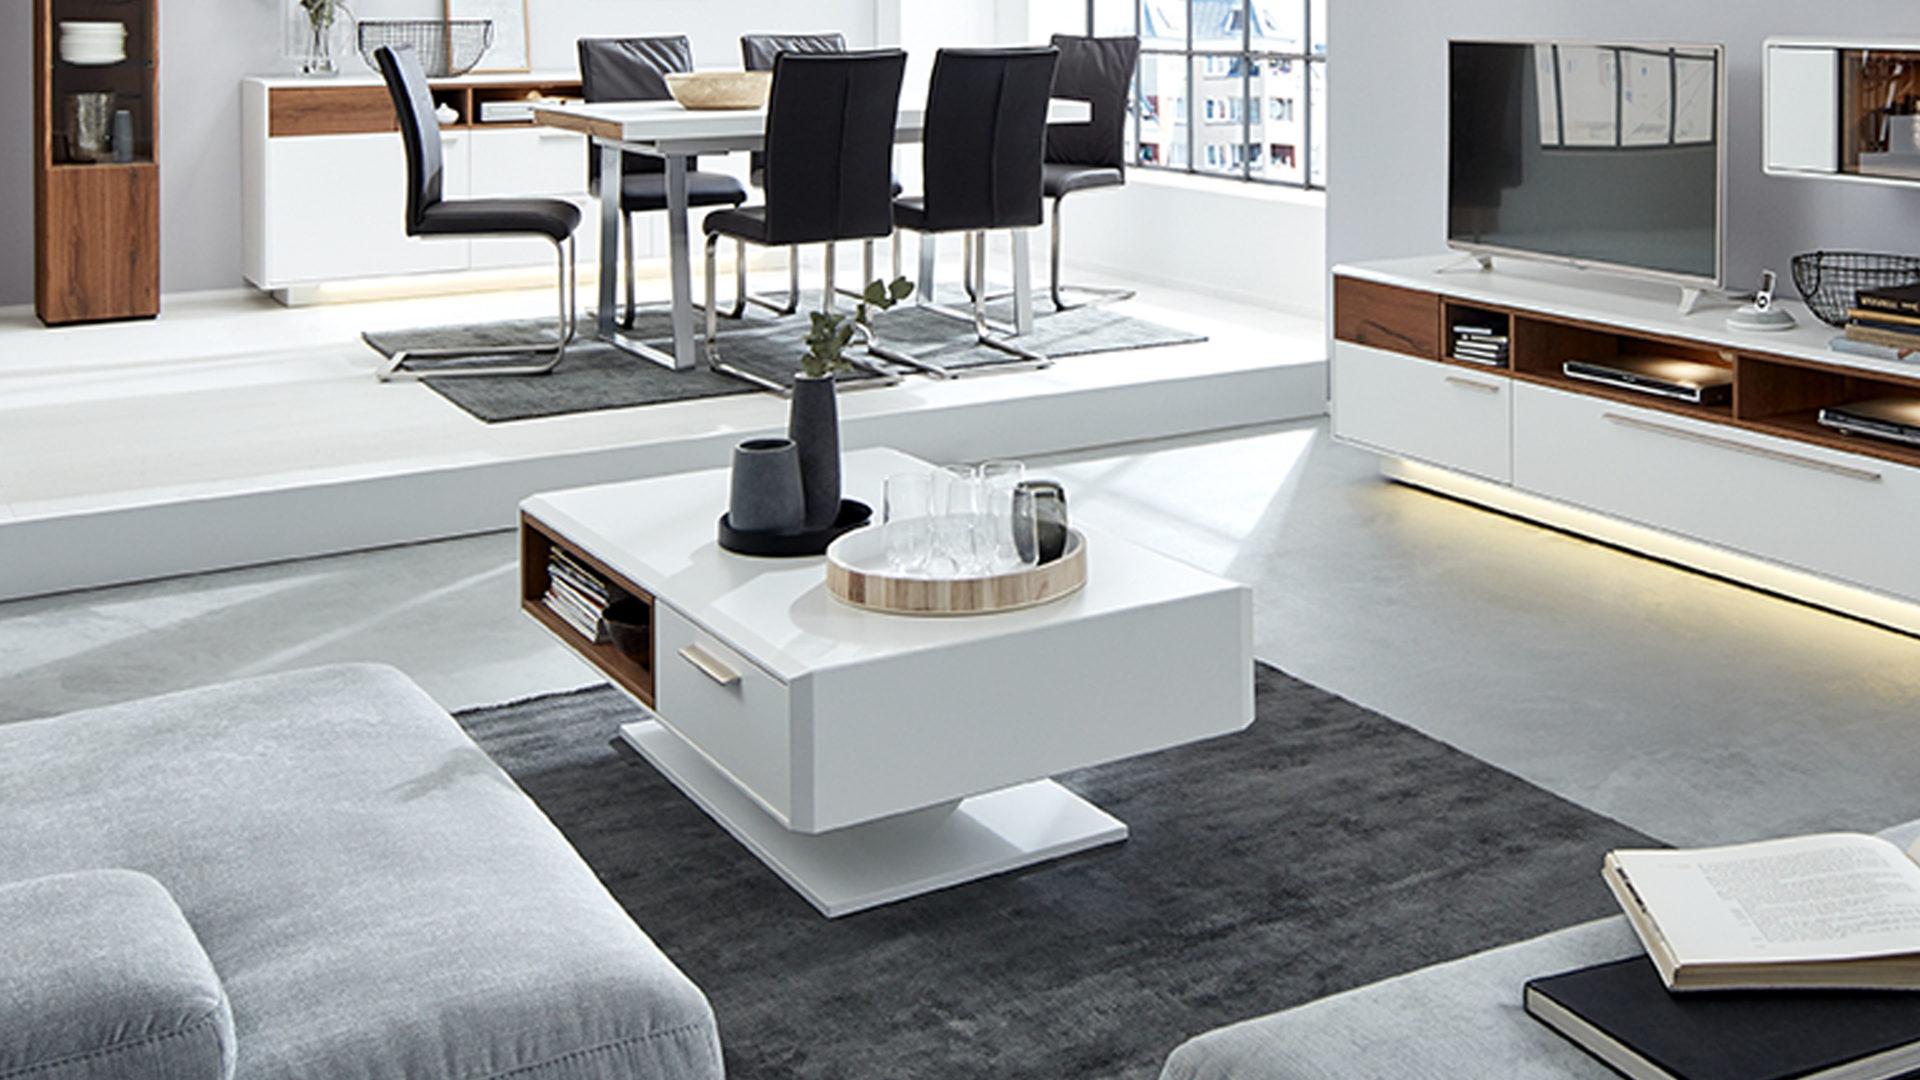 Interliving Wohnzimmer Serie 17 - Couchtisch, dunkles Asteiche-Furnier &  weißer Mattlack – ein offenes Fach, eine Schublade